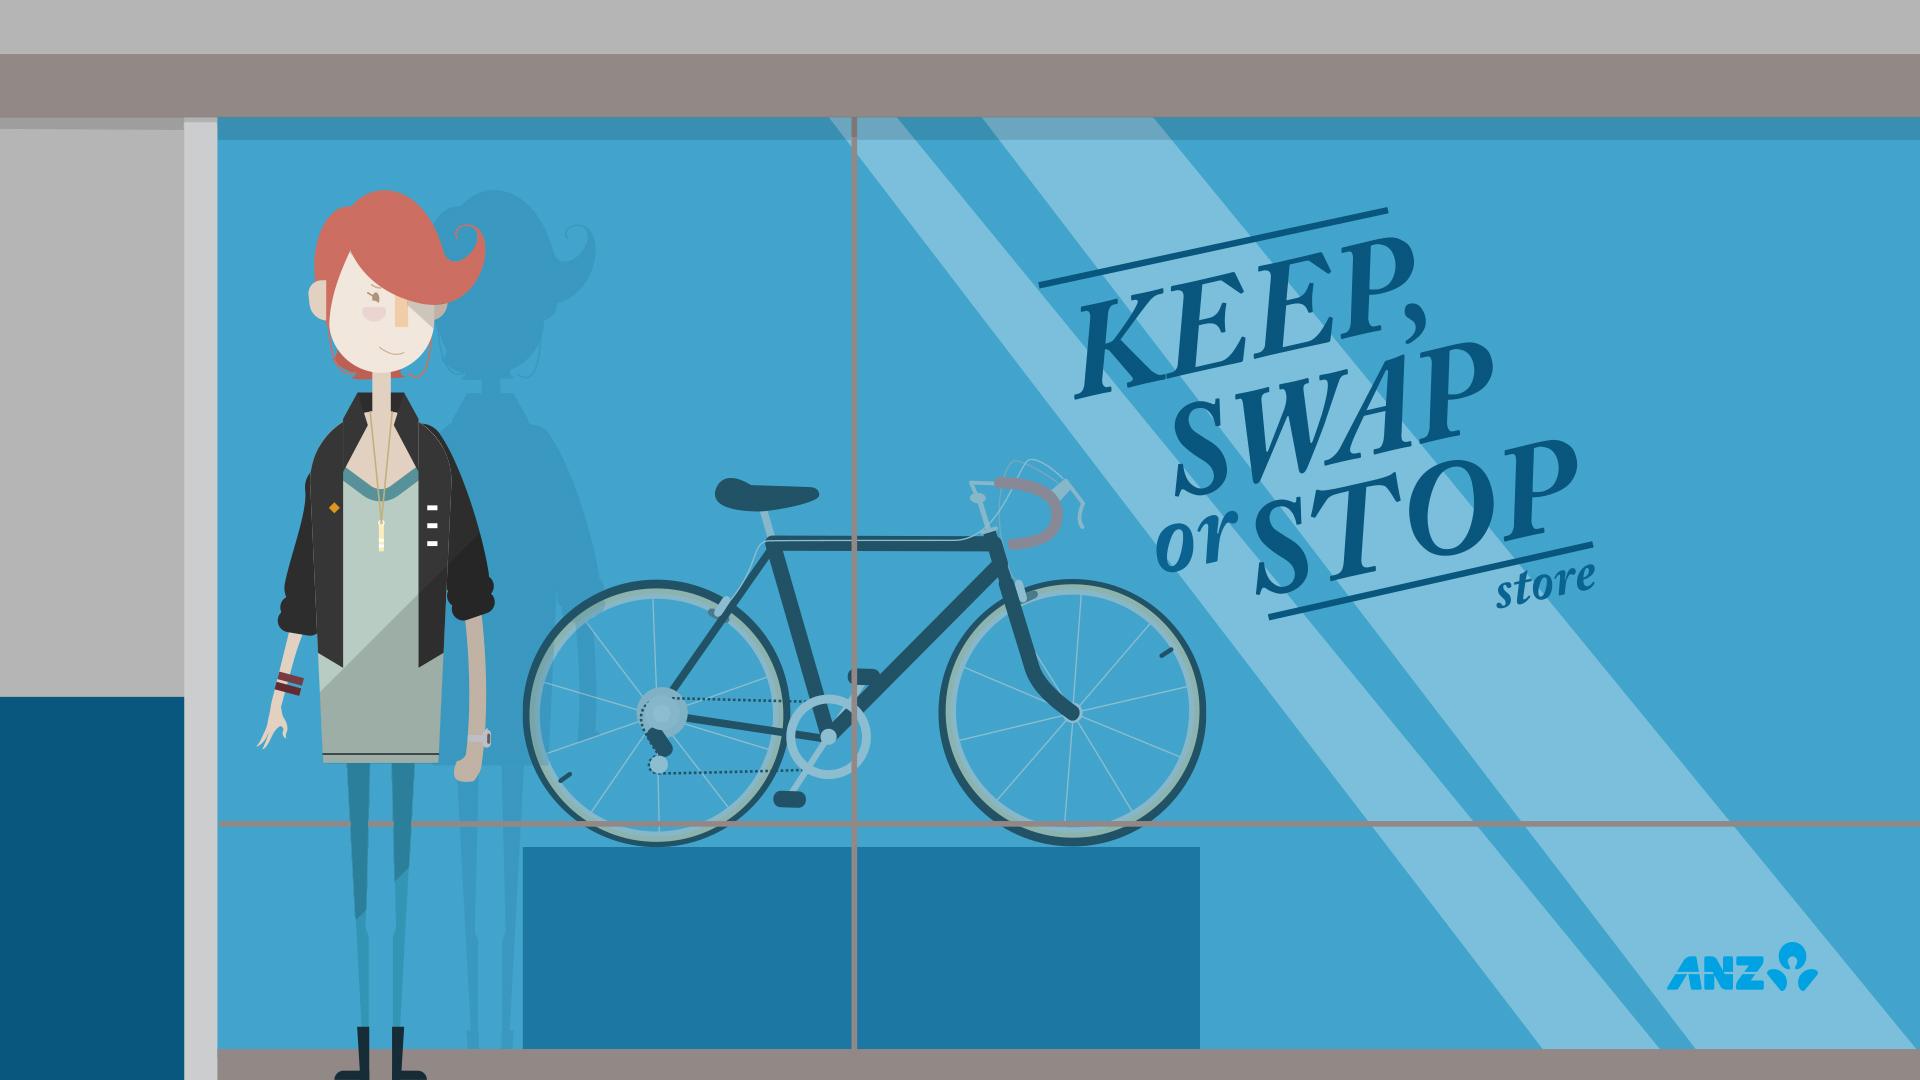 keep_swap_or_stop_scene.jpg